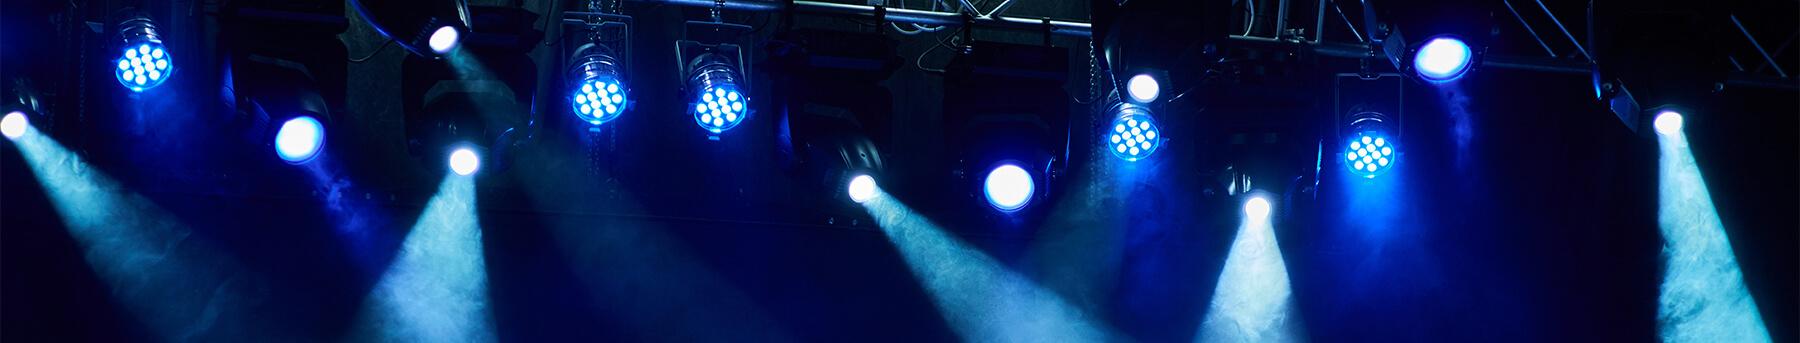 blue stage lights